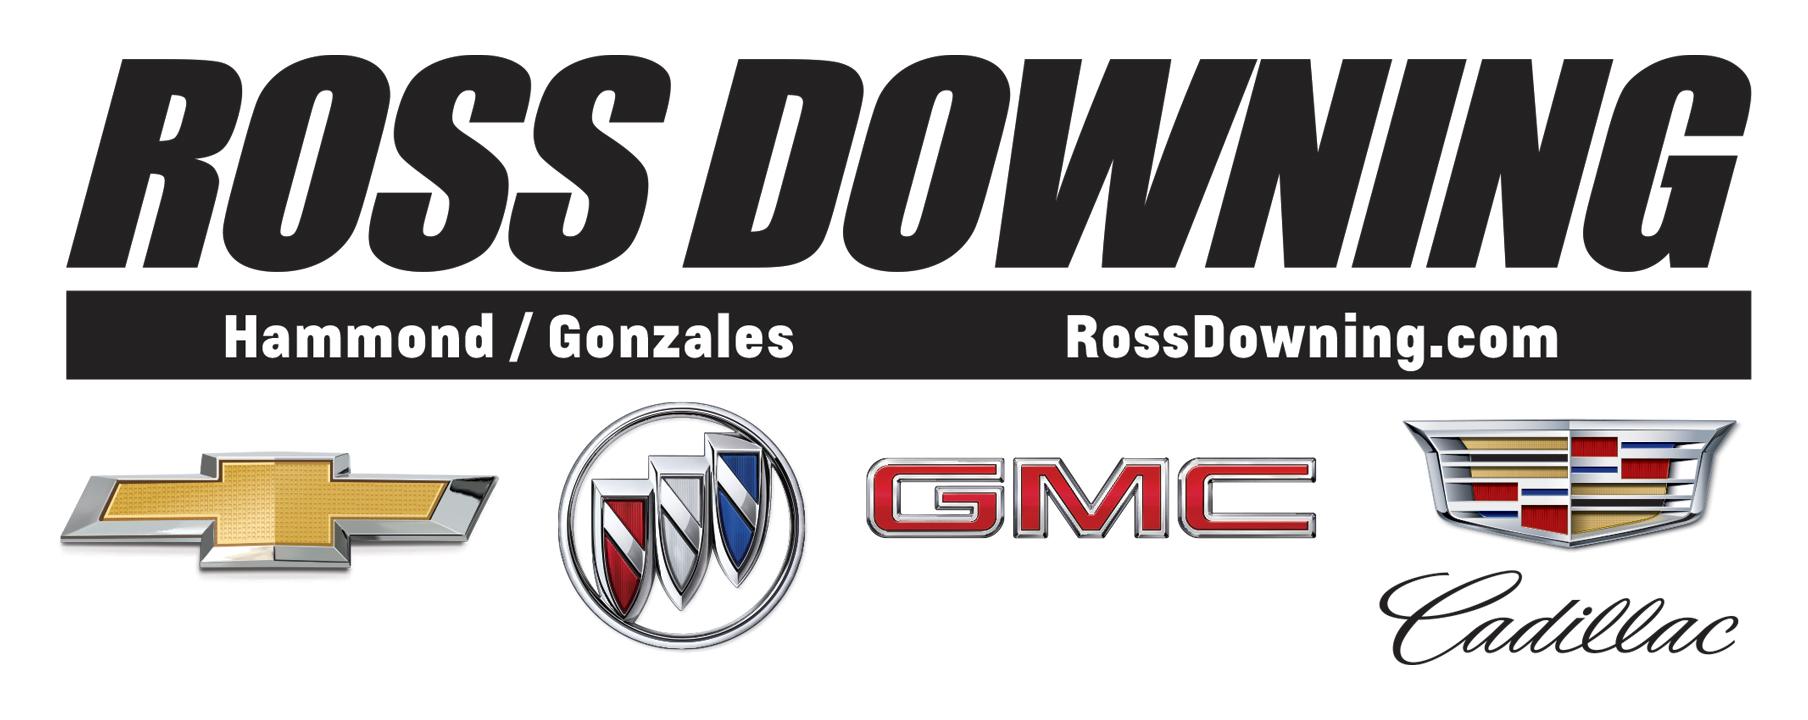 ross-downing-all-logos-vector-2019